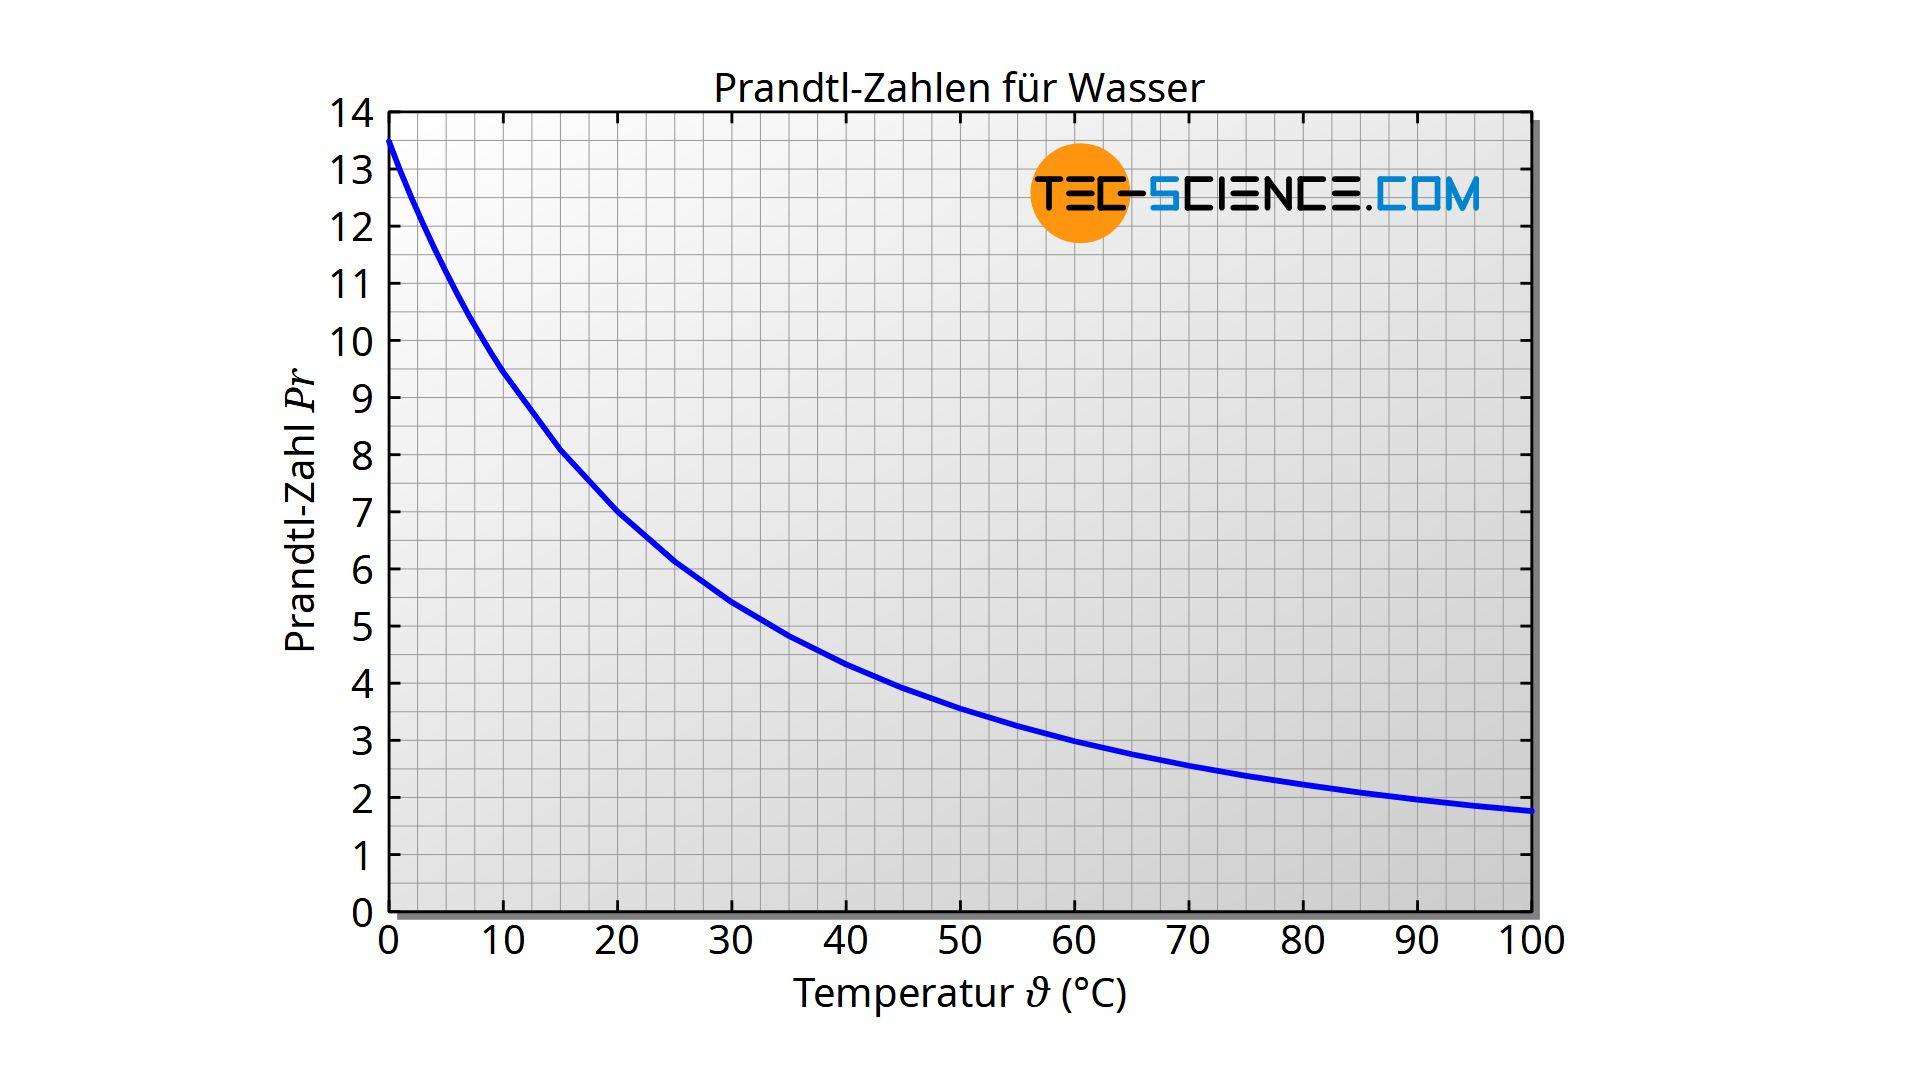 Prandtl-Zahlen für Wasser in Abhängigkeit der Temperatur